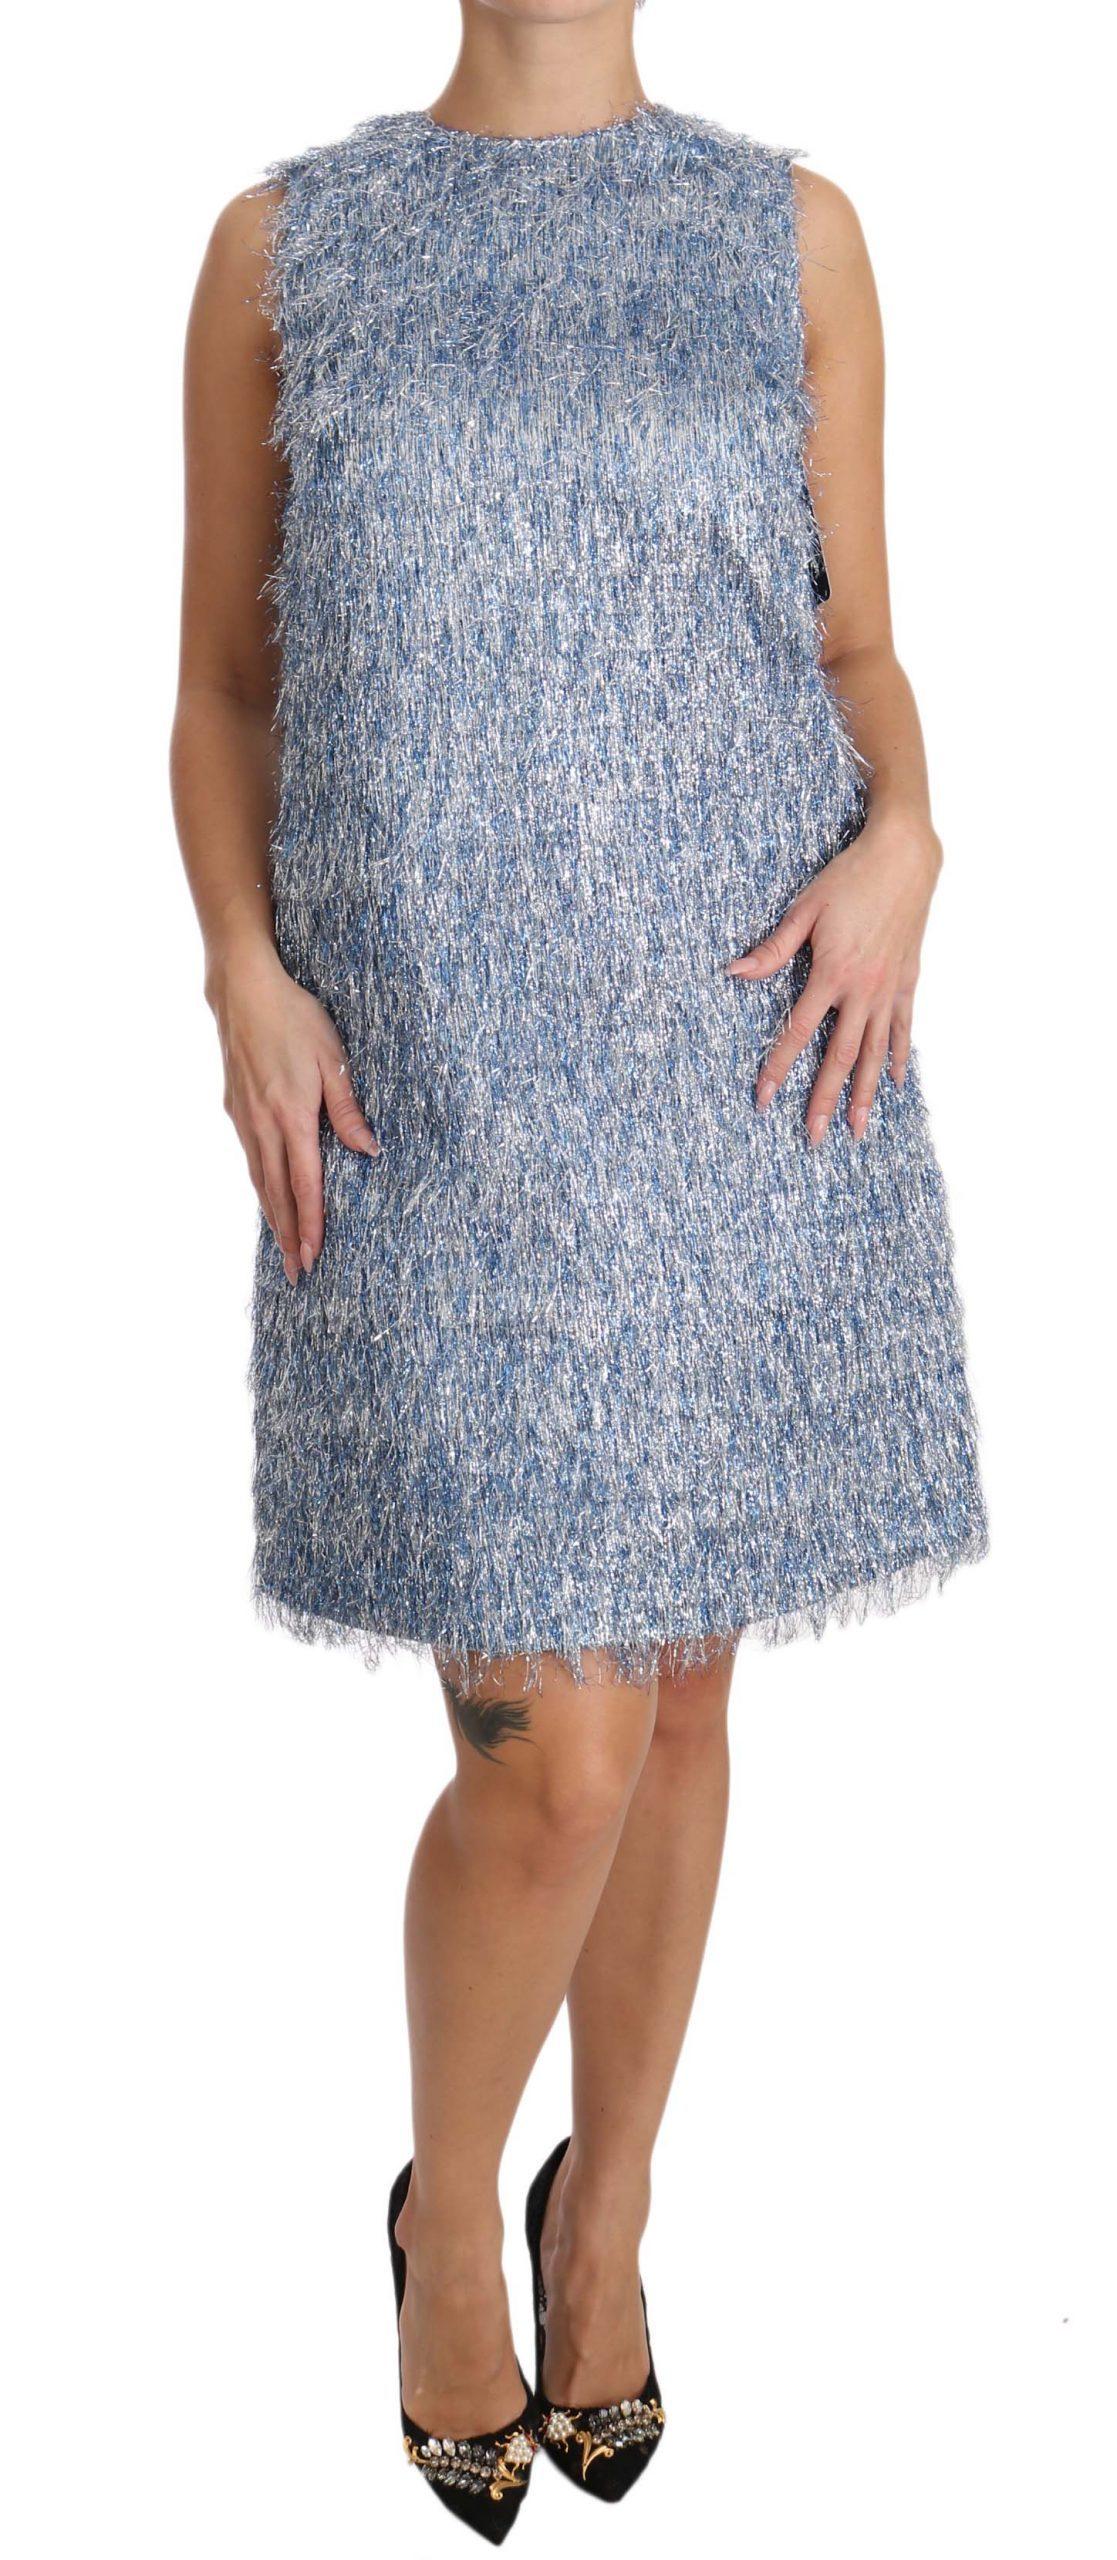 Dolce & Gabbana Women's Fringe Shift Dress Light Blue DR1603 - IT40|S